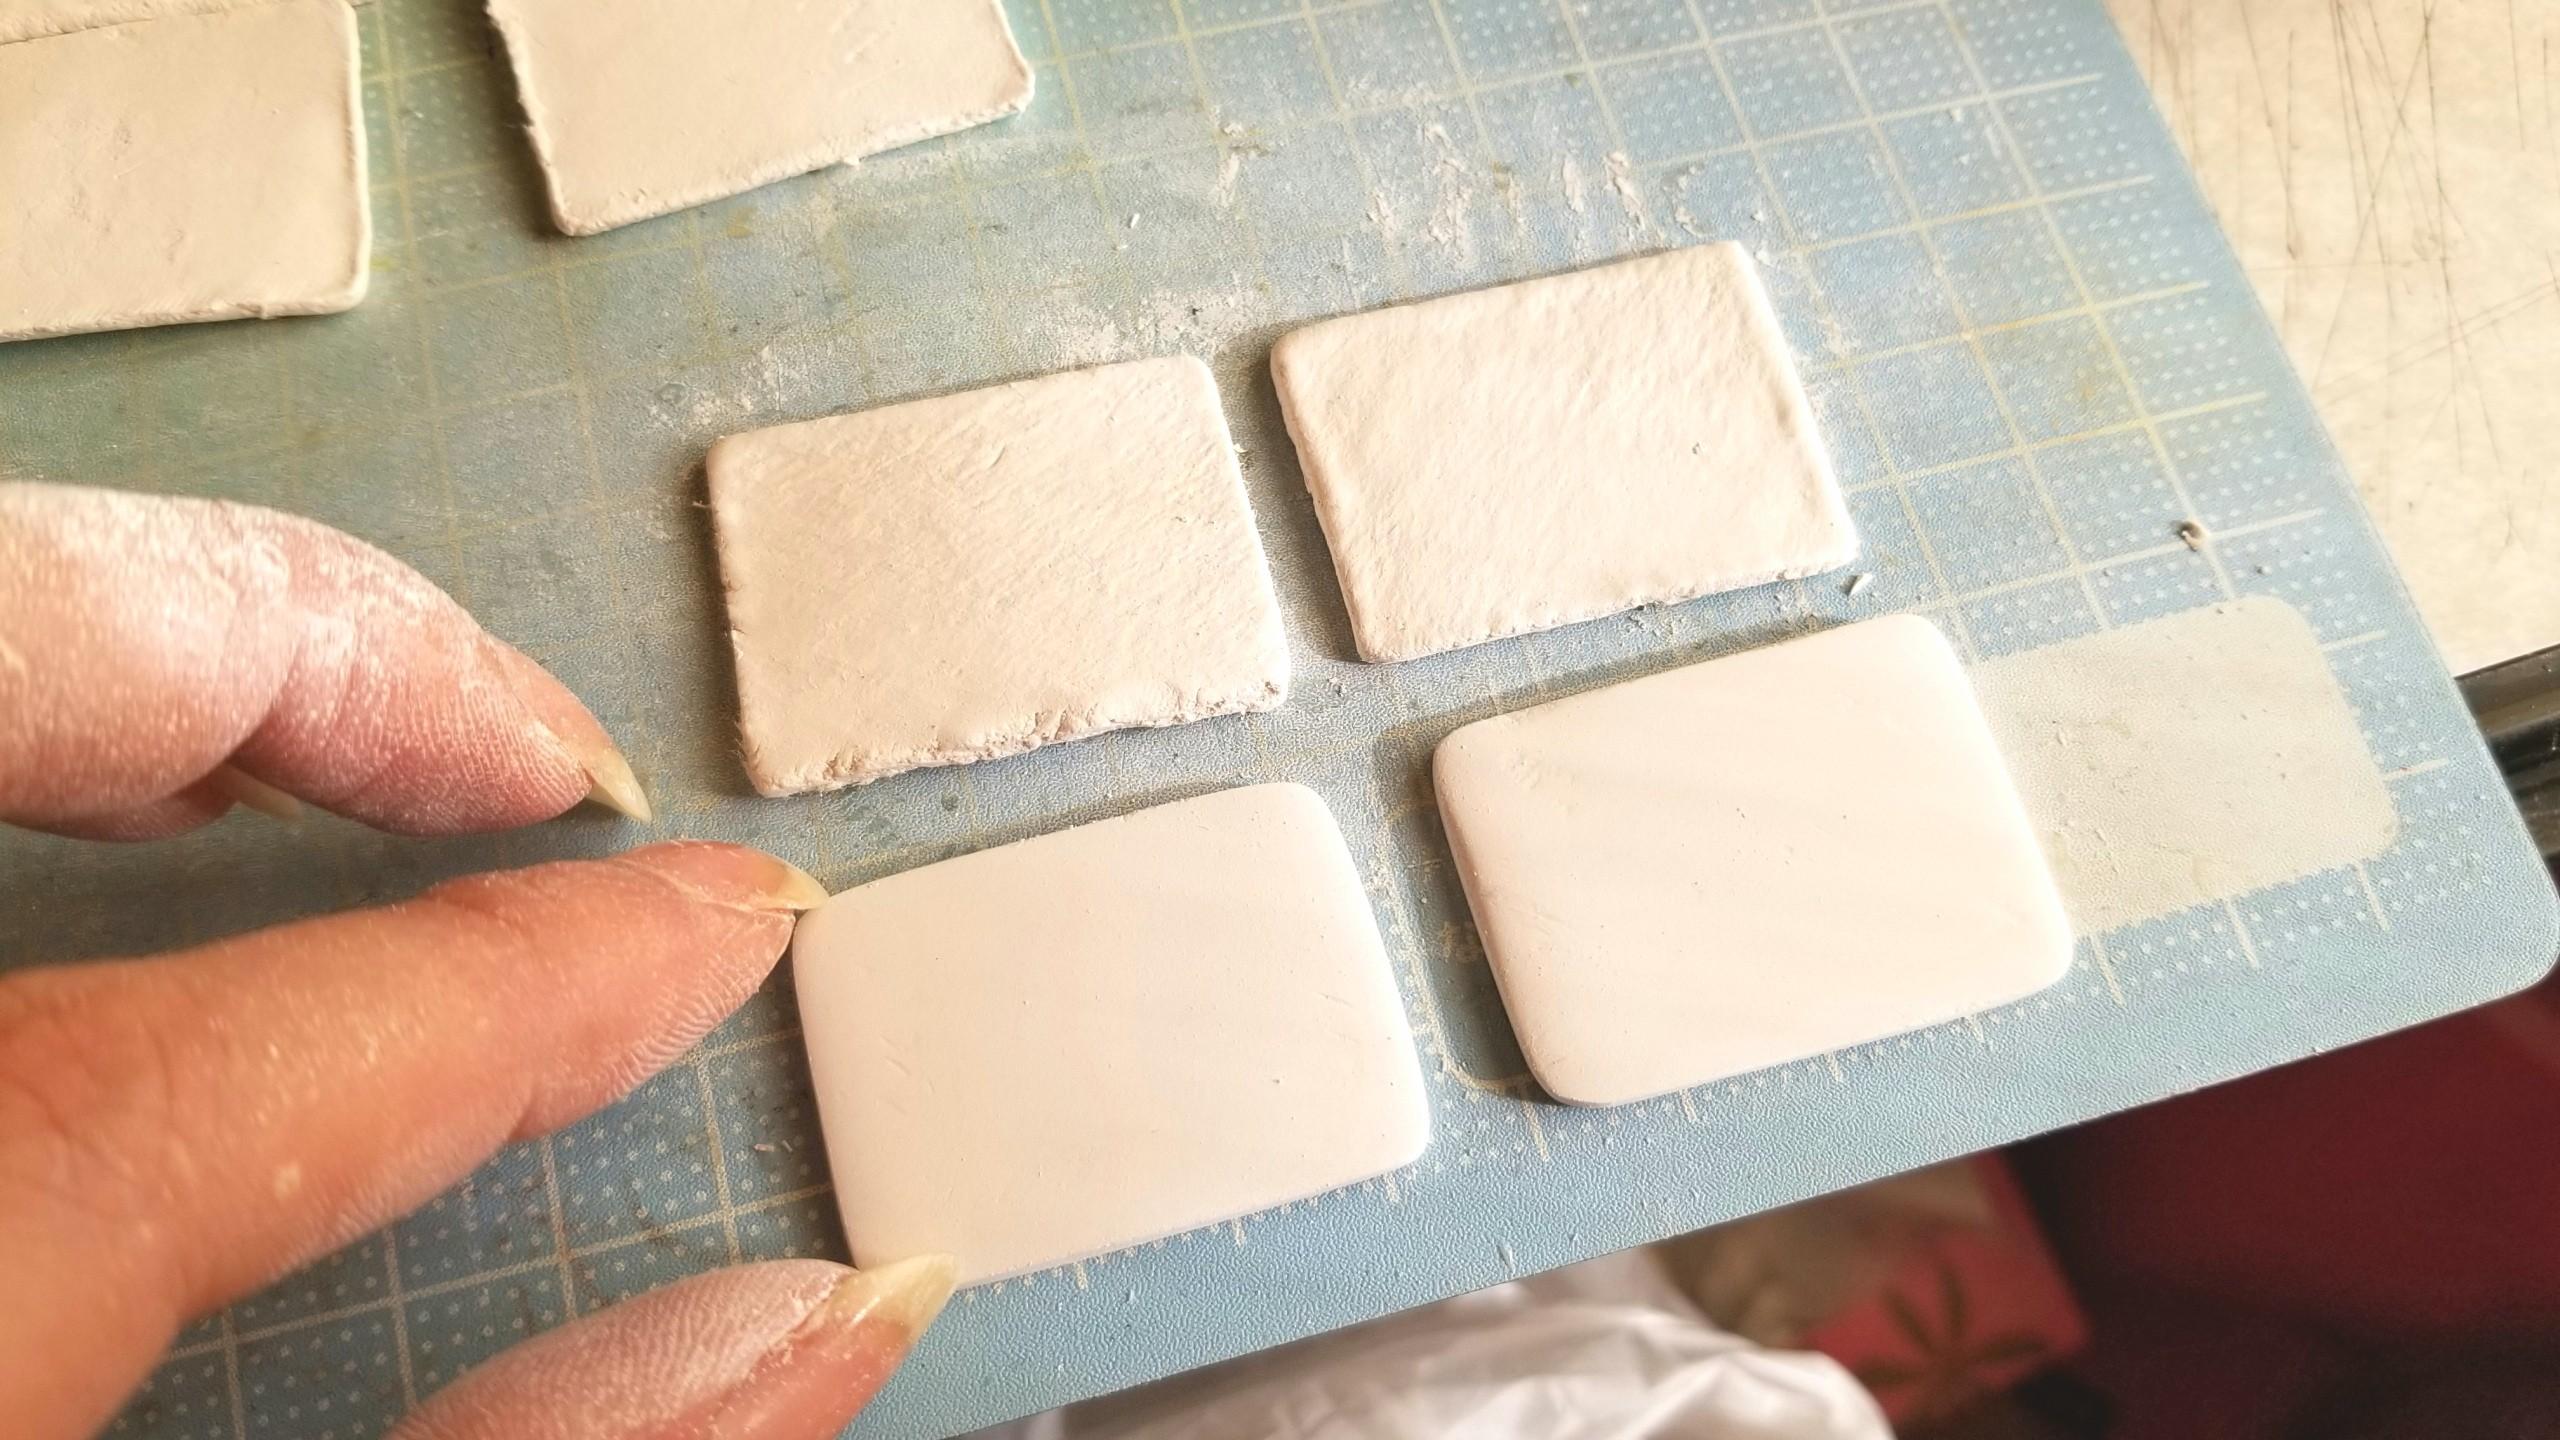 陶器風和食器,和菓子用のお皿,粘土,ミニチュアフード,作り方,手作り